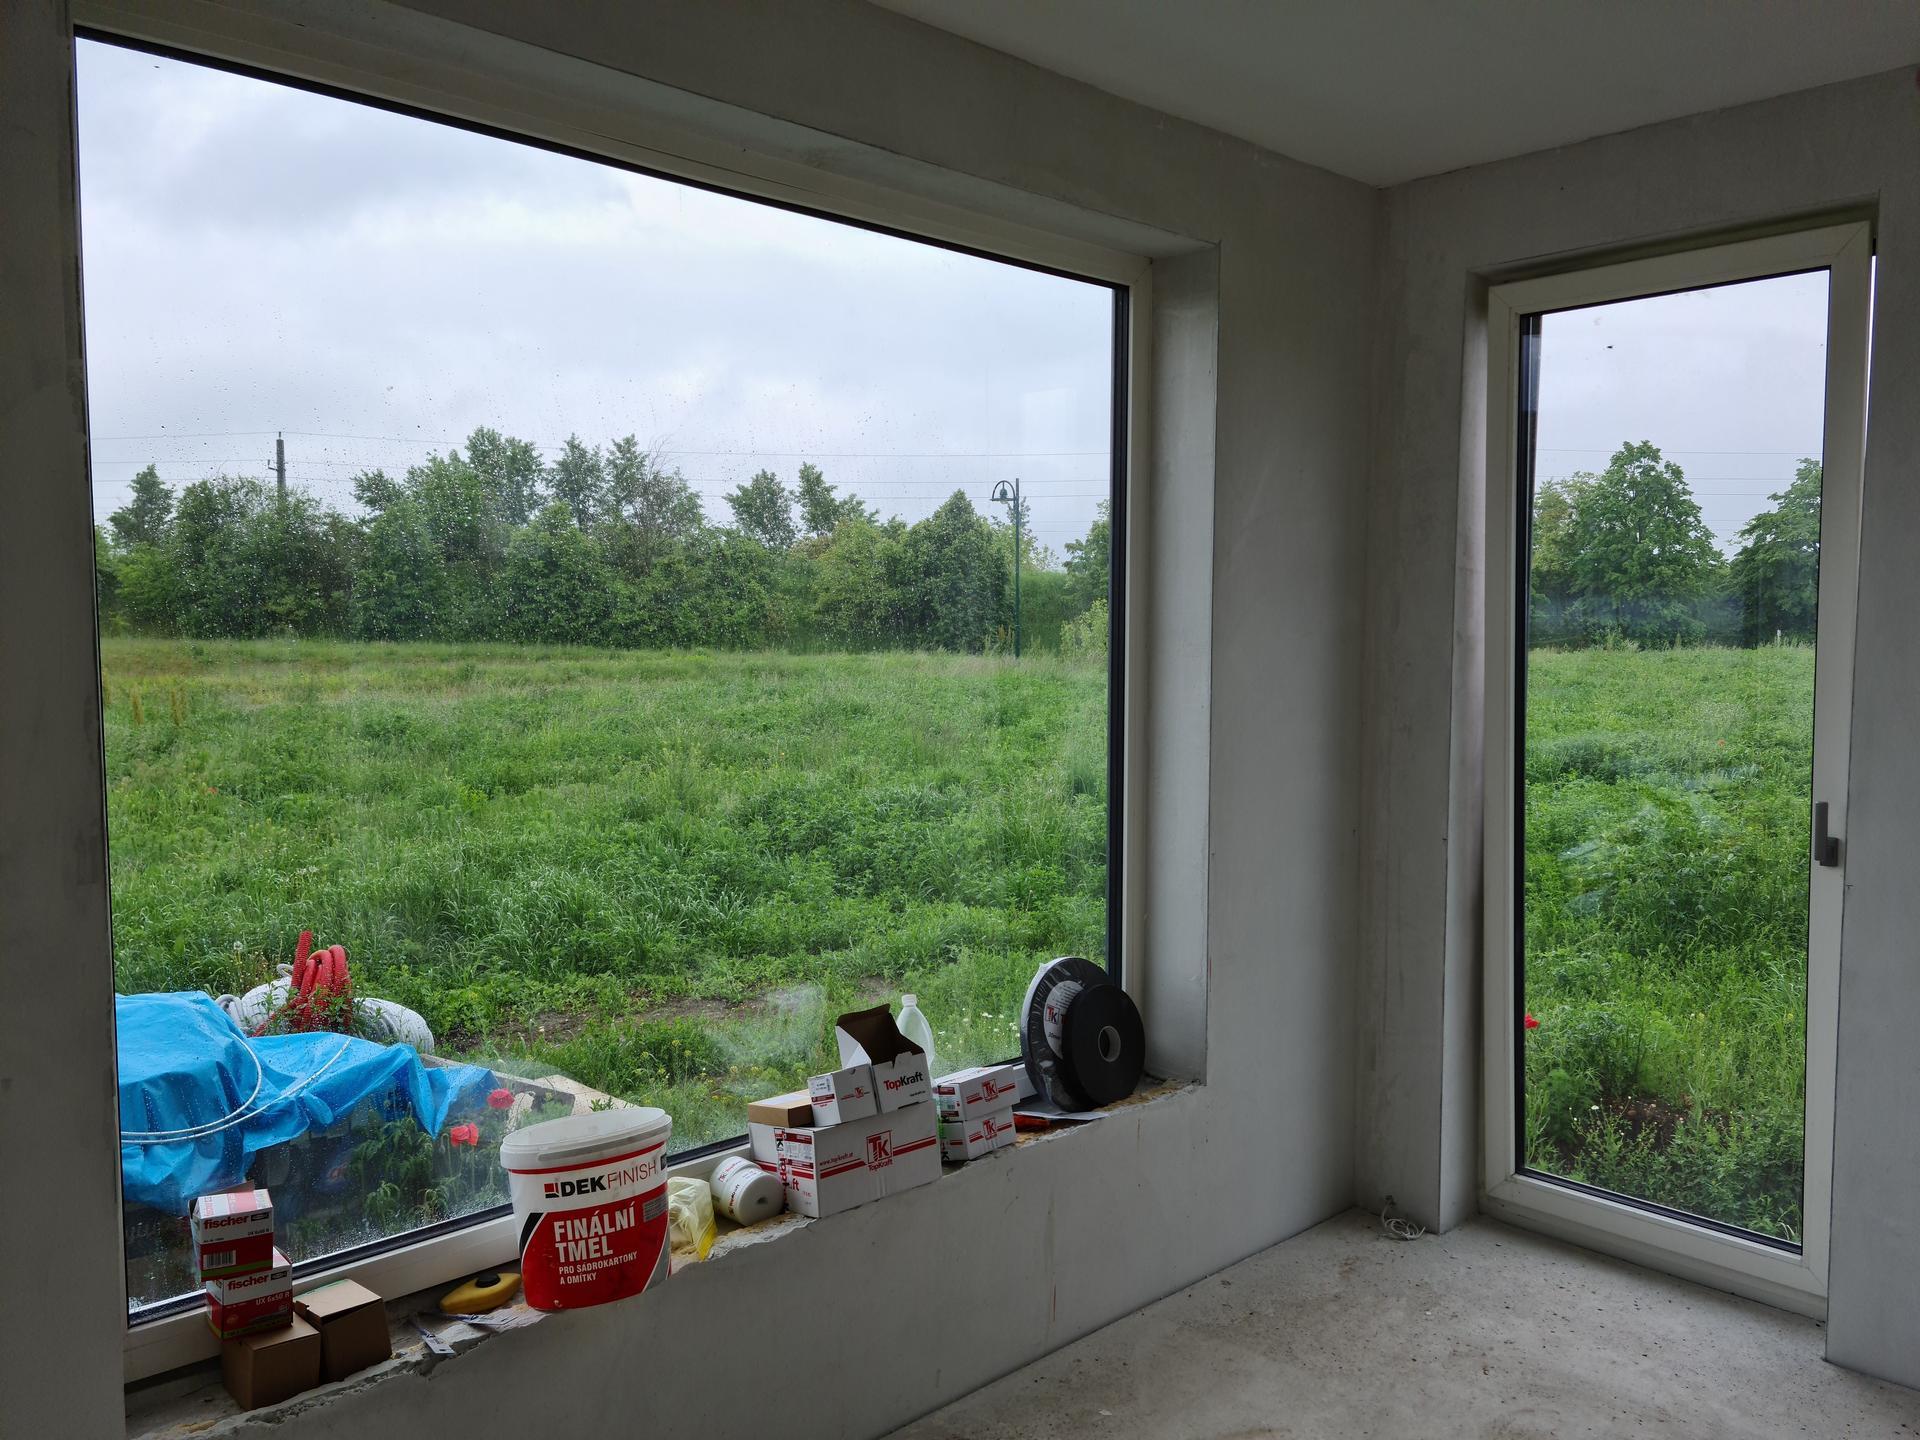 Das Haus - Paci sa mi tento vyhlad... Ale teraz sme sa dozvedeli, ze sused postavi na hranici pozemku garaz dlhu 12m. Tak mam hlavu v smutku ako to vyriesit...